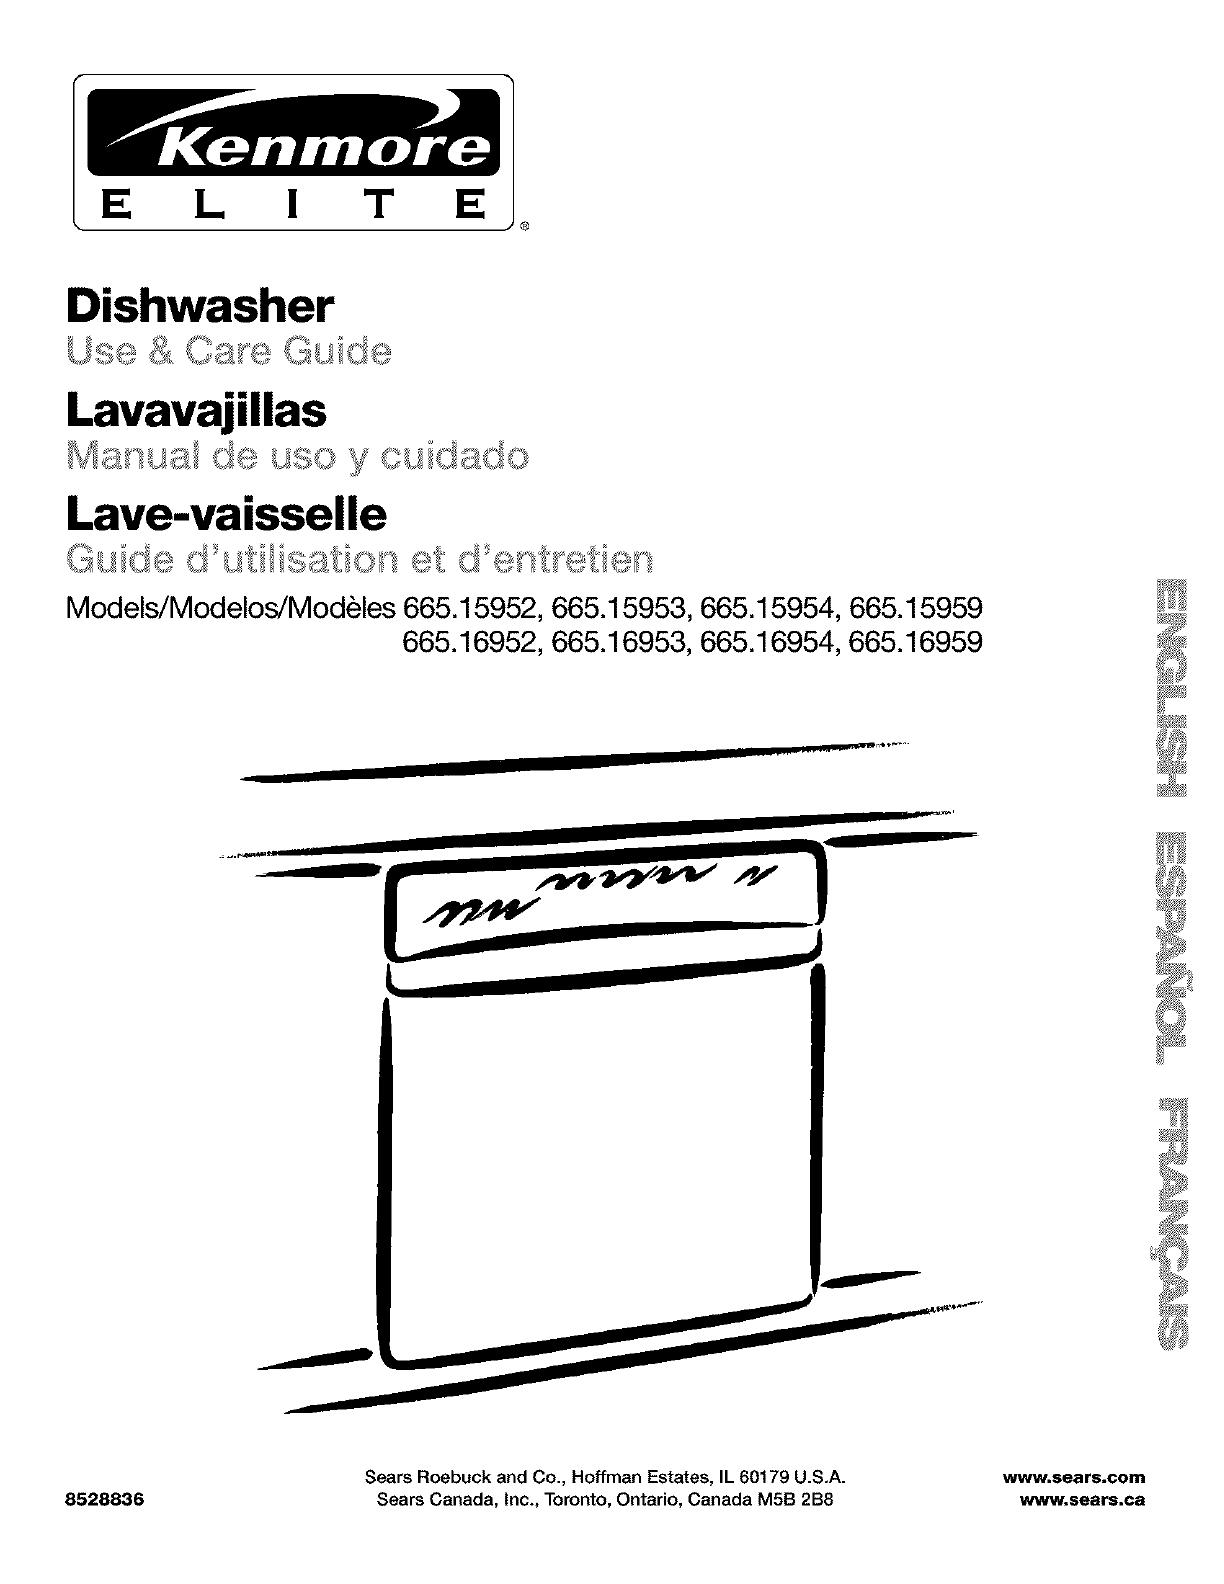 kenmore elite 66515953000 user manual dishwasher manuals and guides rh usermanual wiki kenmore dishwasher maintenance kenmore dishwasher schematic diagram